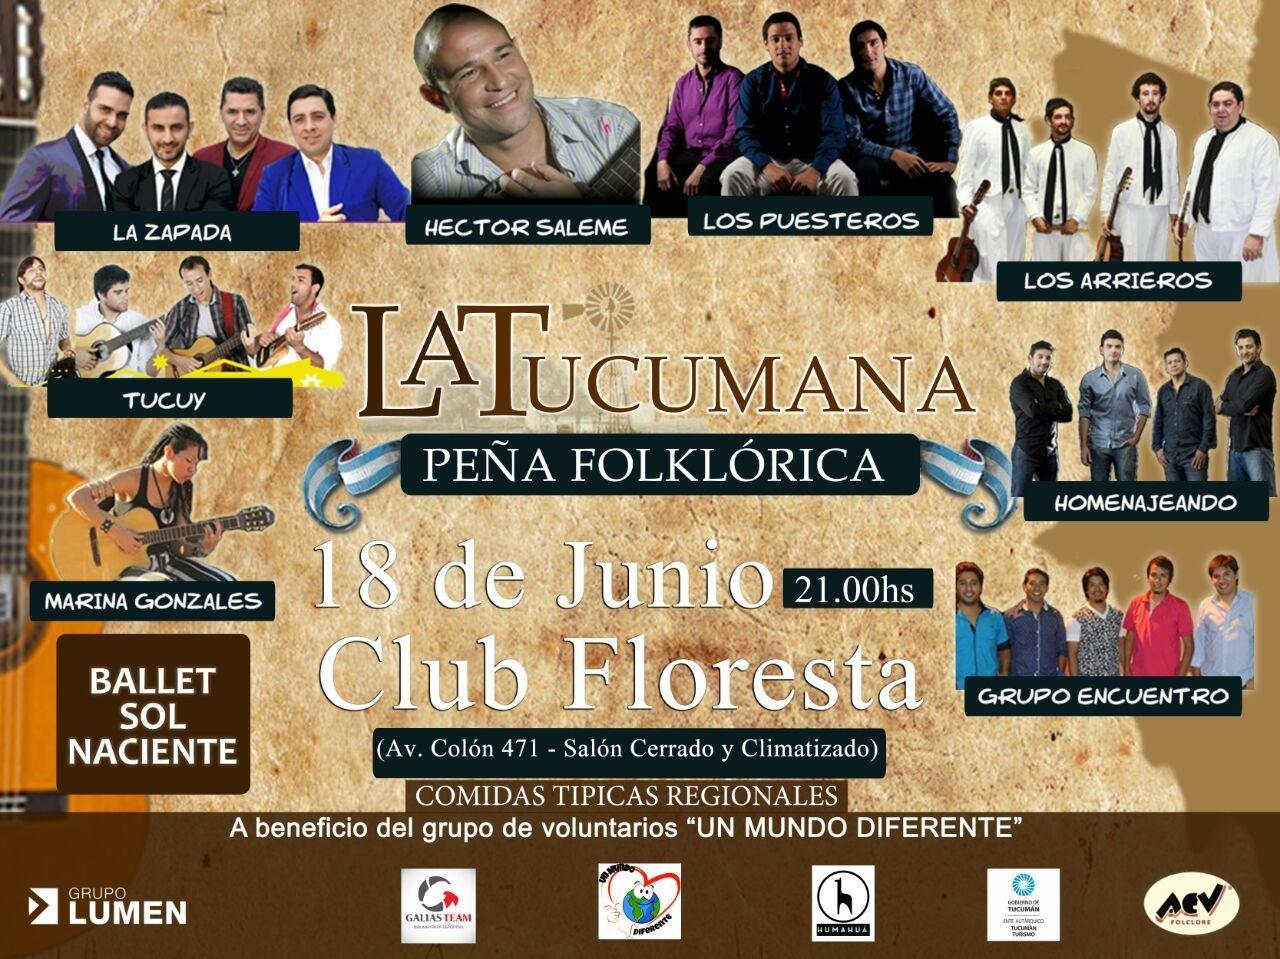 El Sábado 18 de junio te esperamos para vivir #LaTucumana en el Club Floresta +info www.acvfolclore.com.ar